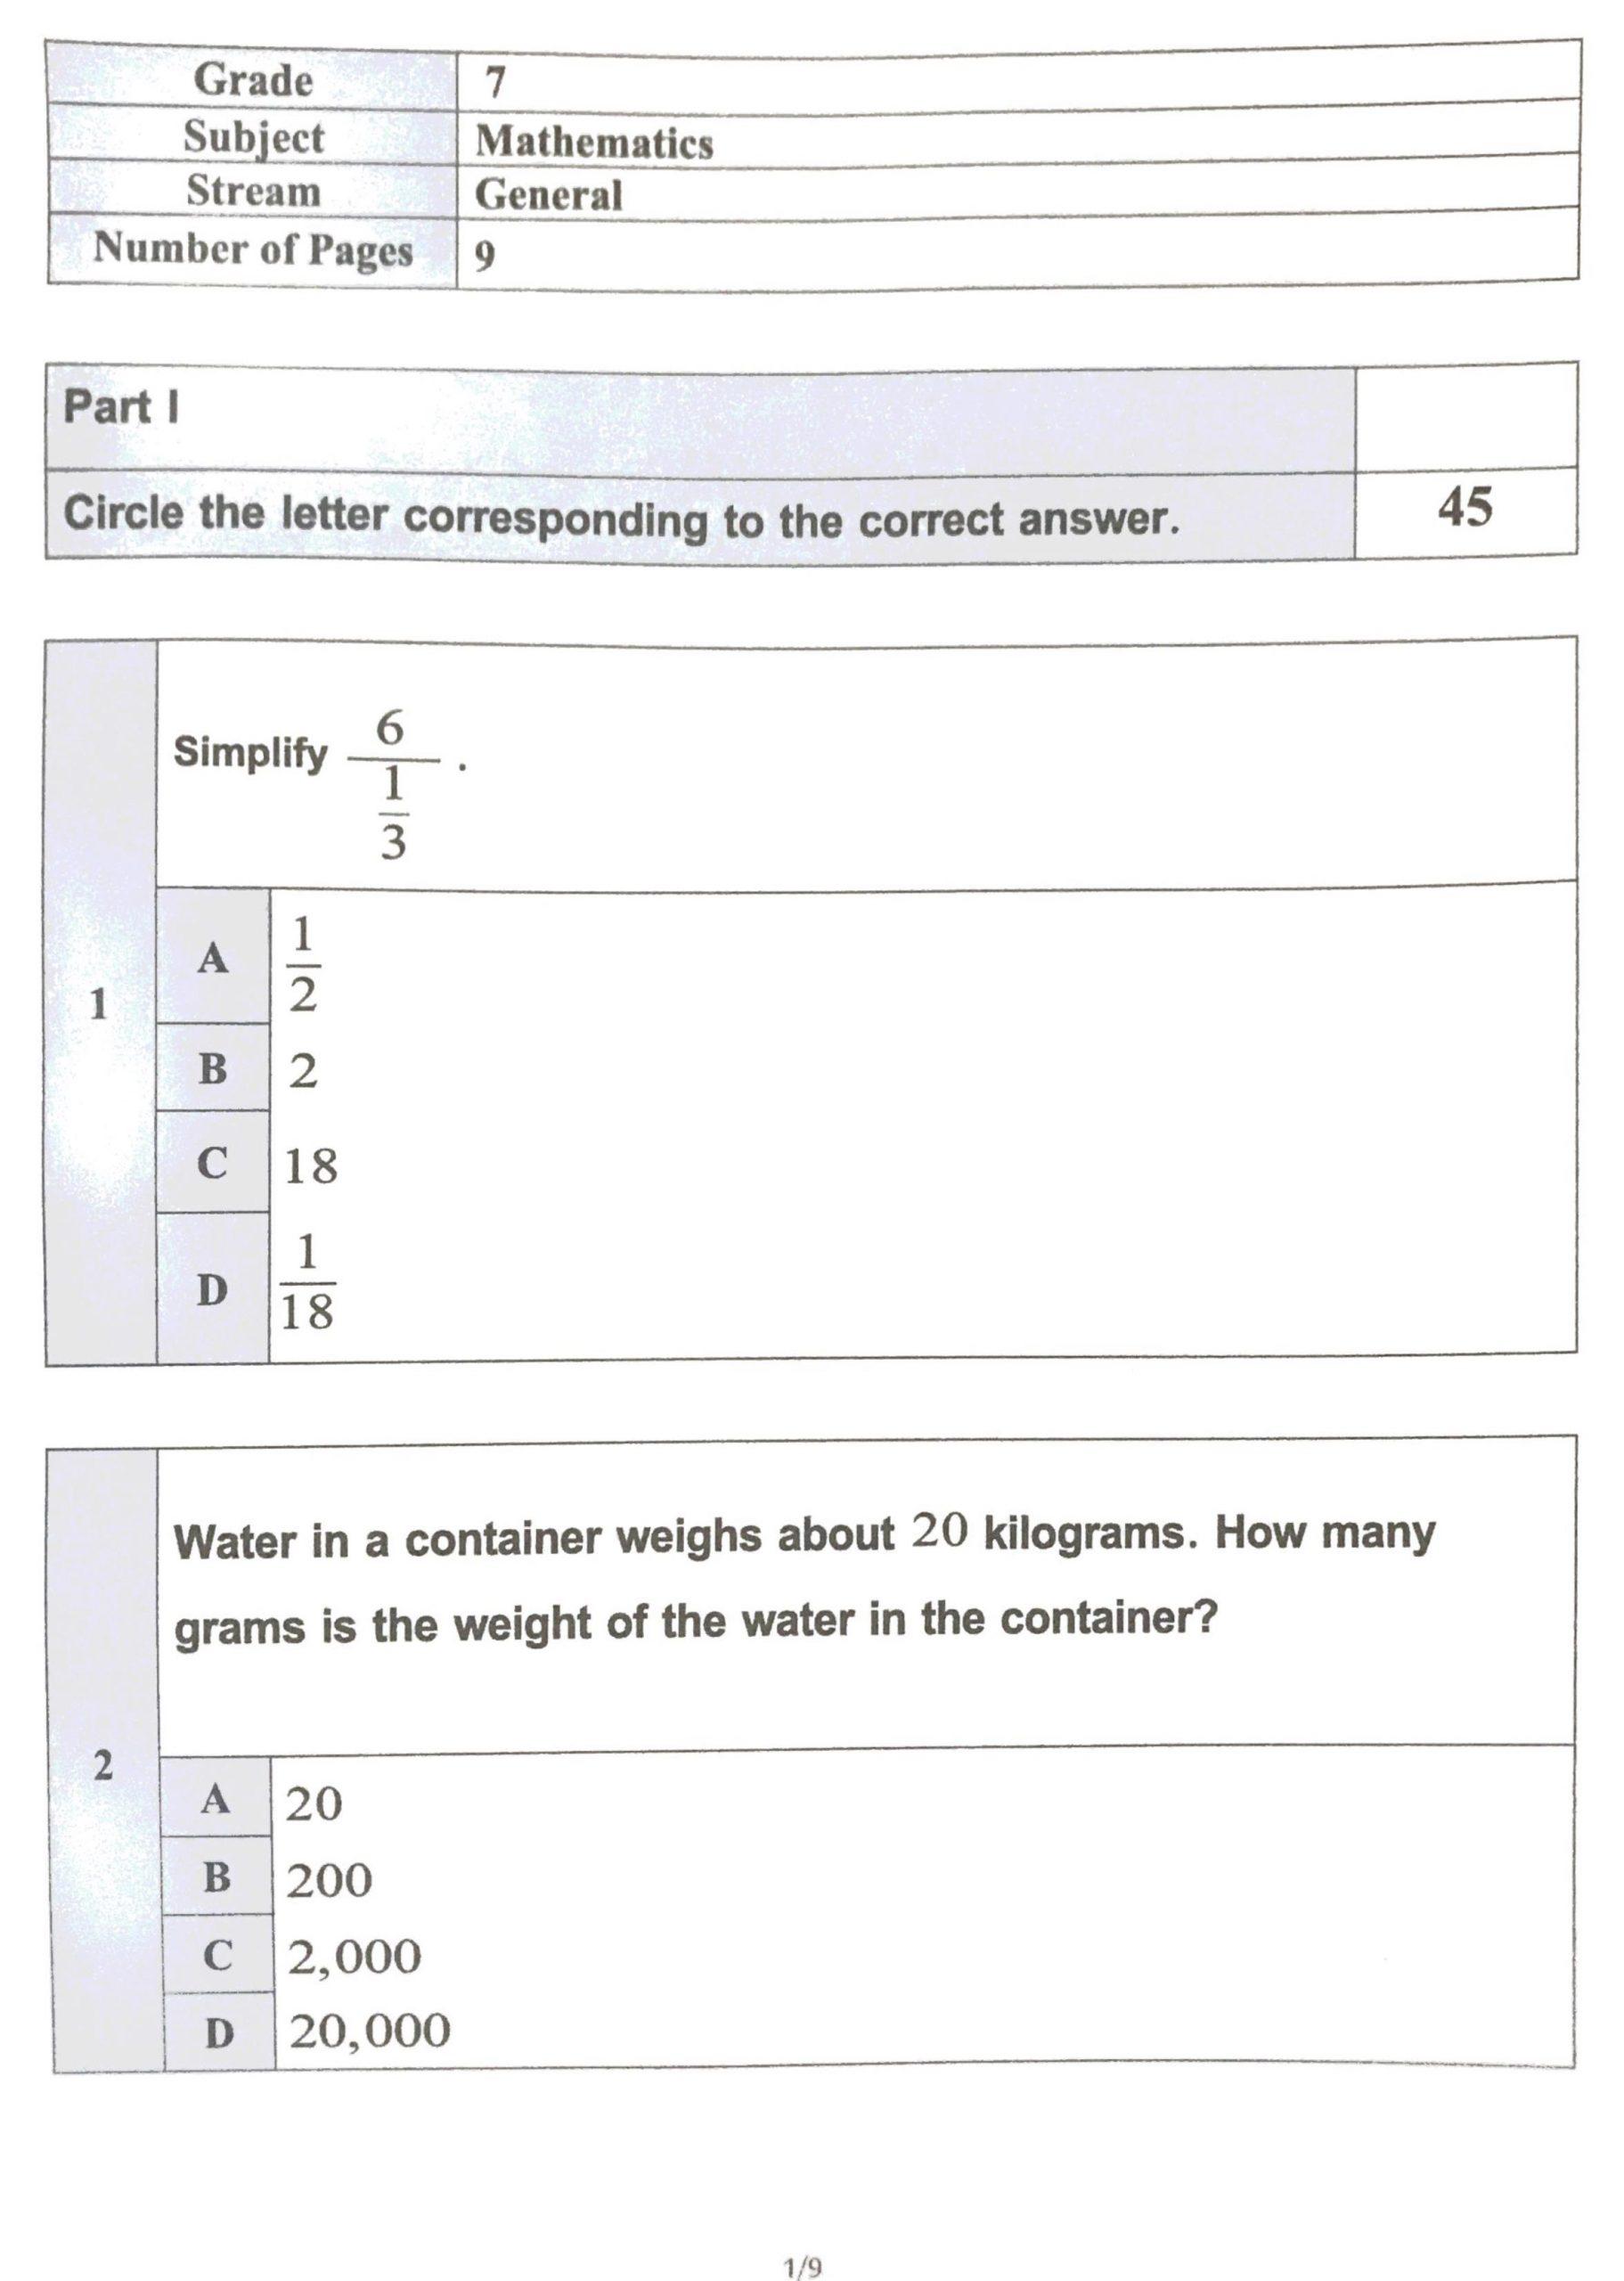 امتحان نهاية الفصل الاول 2019-2020 بالانجليزي الصف السابع مادة الرياضيات المتكاملة